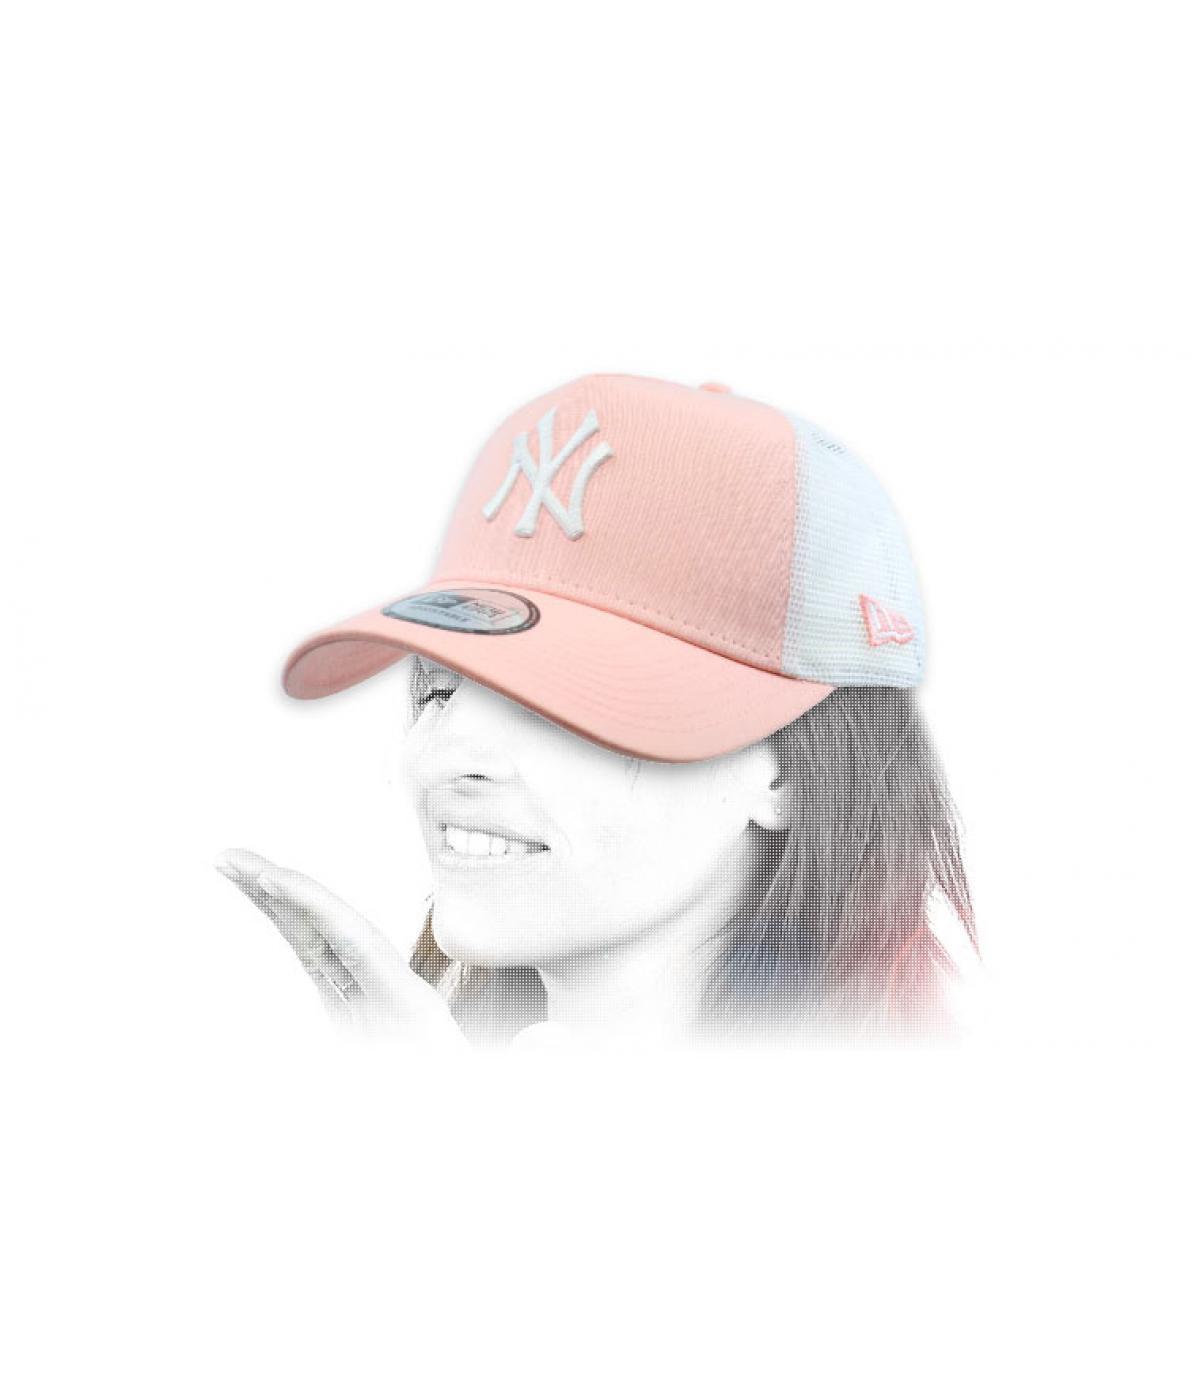 pink NY trucker